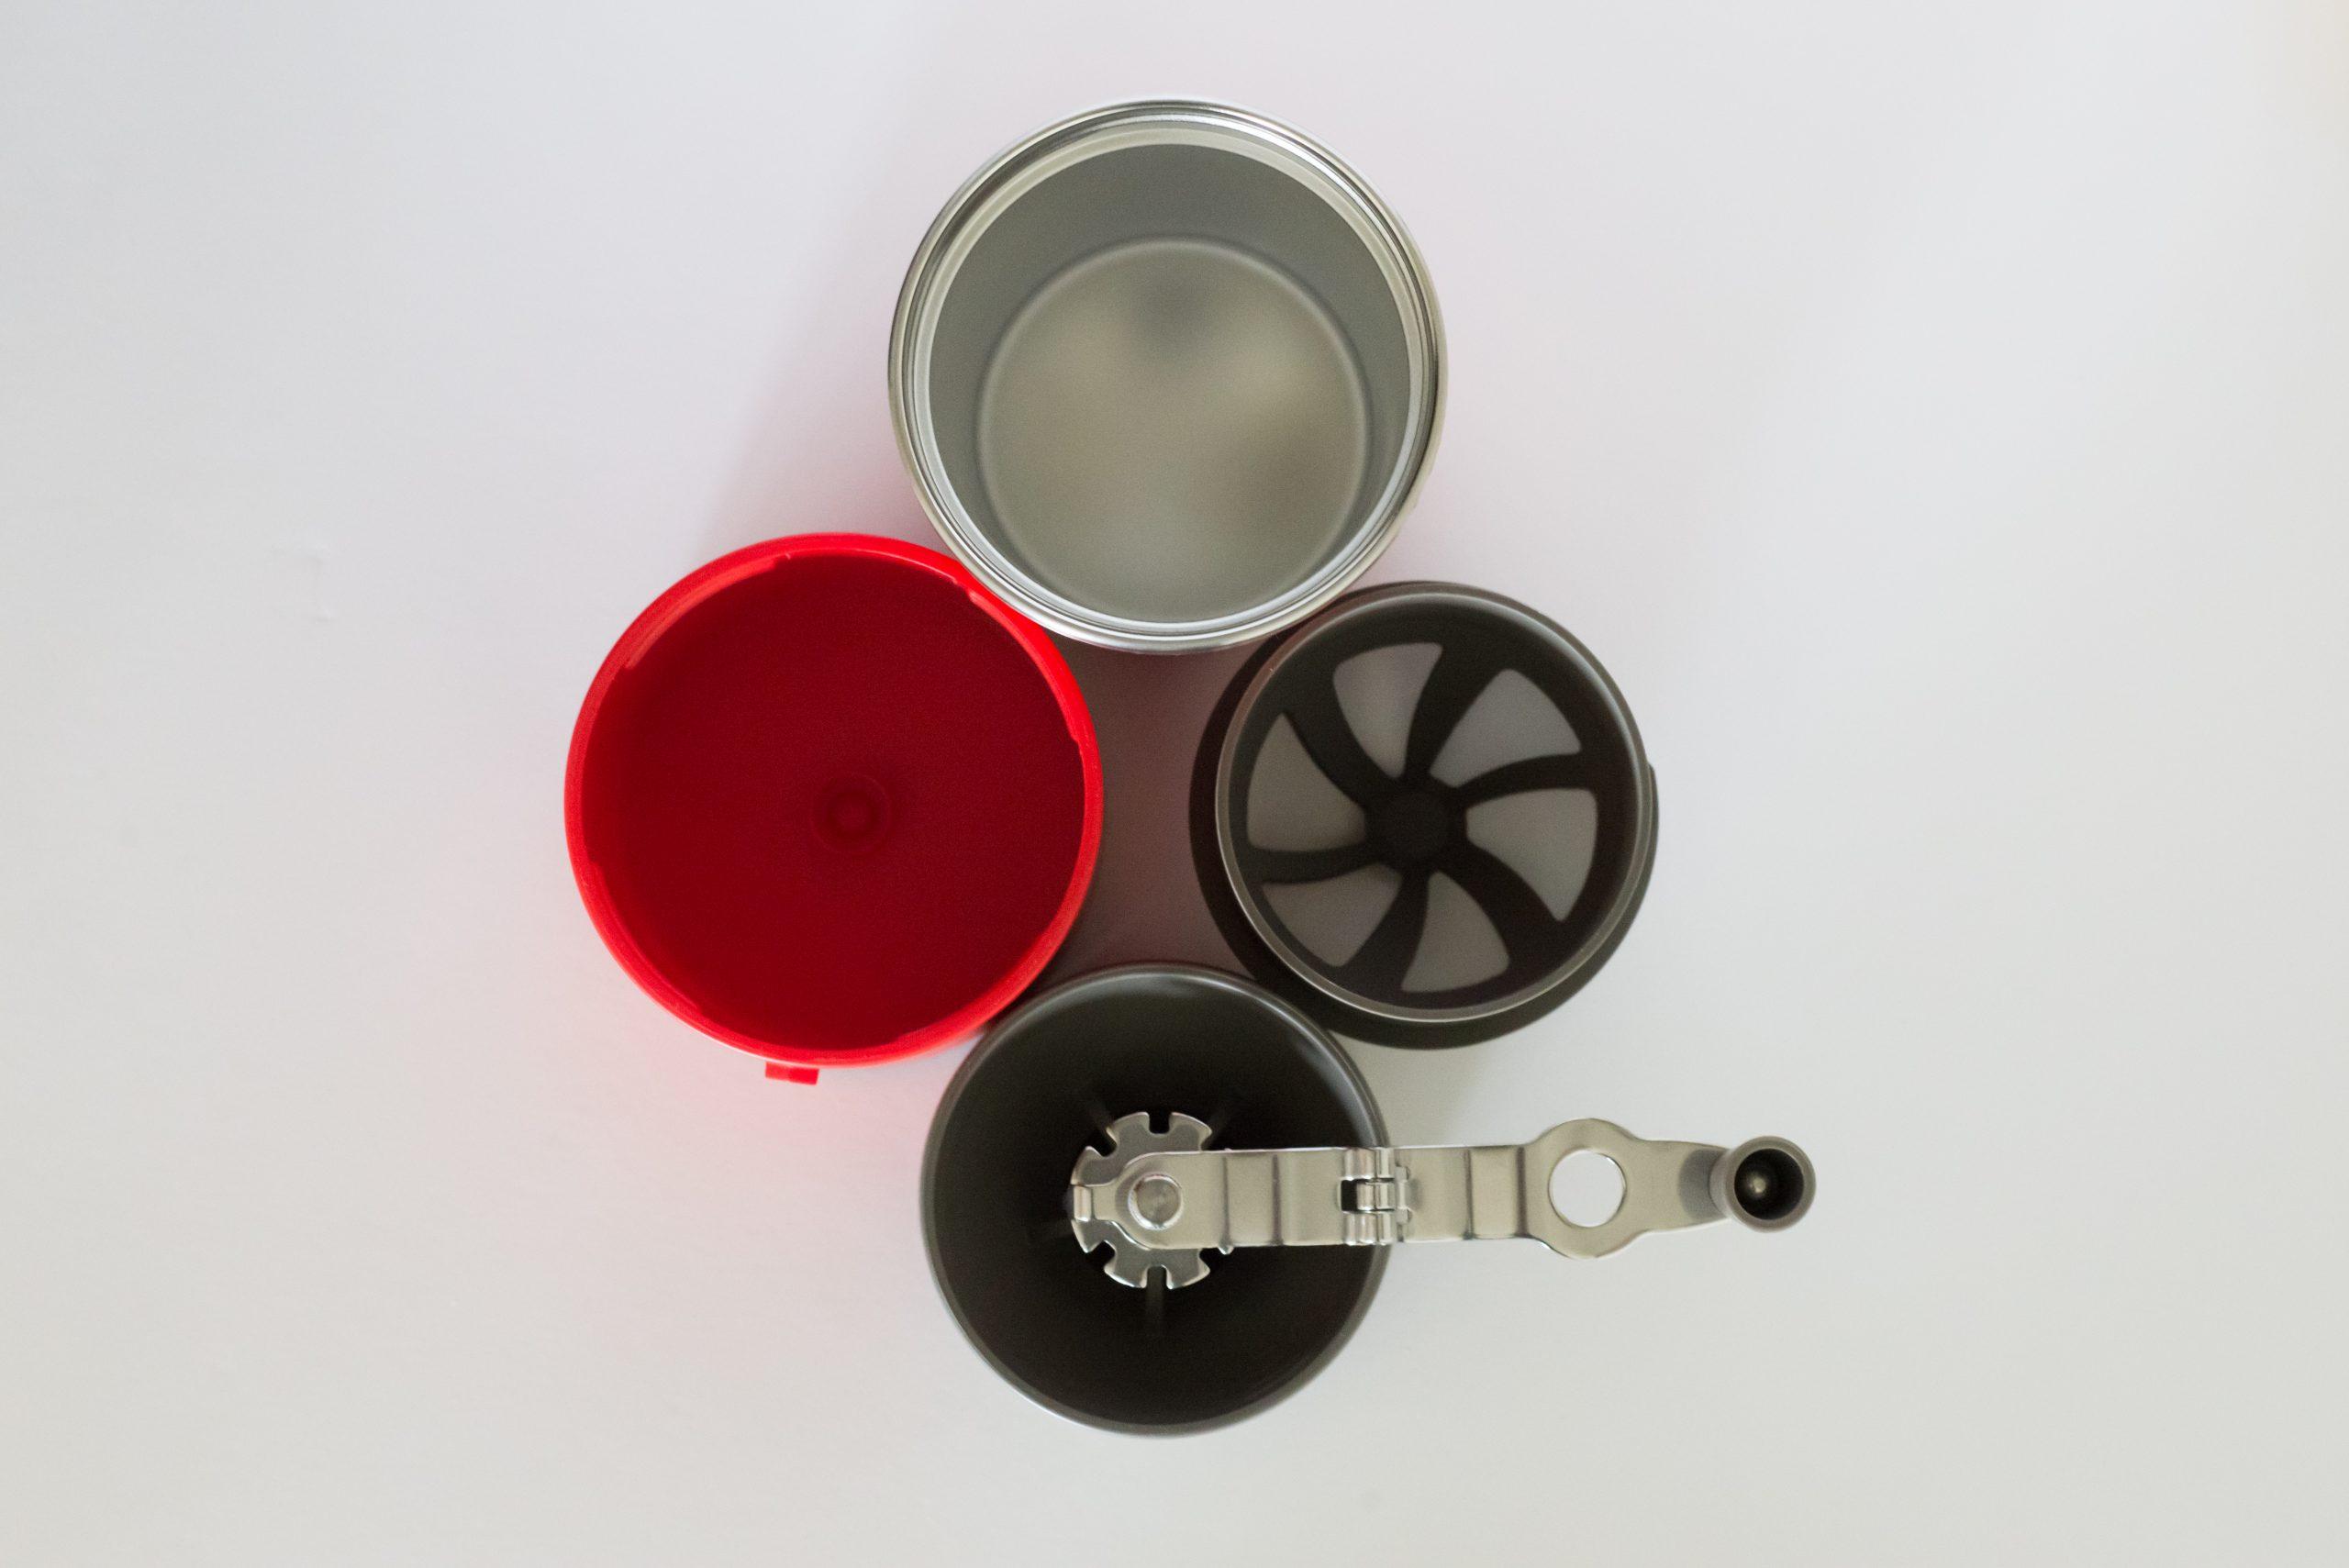 DỤNG CỤ CÀ PHÊ ĐA NĂNG CAFFLANO KLASSIC – ALL IN ONE – POUR OVER RED – KOREA